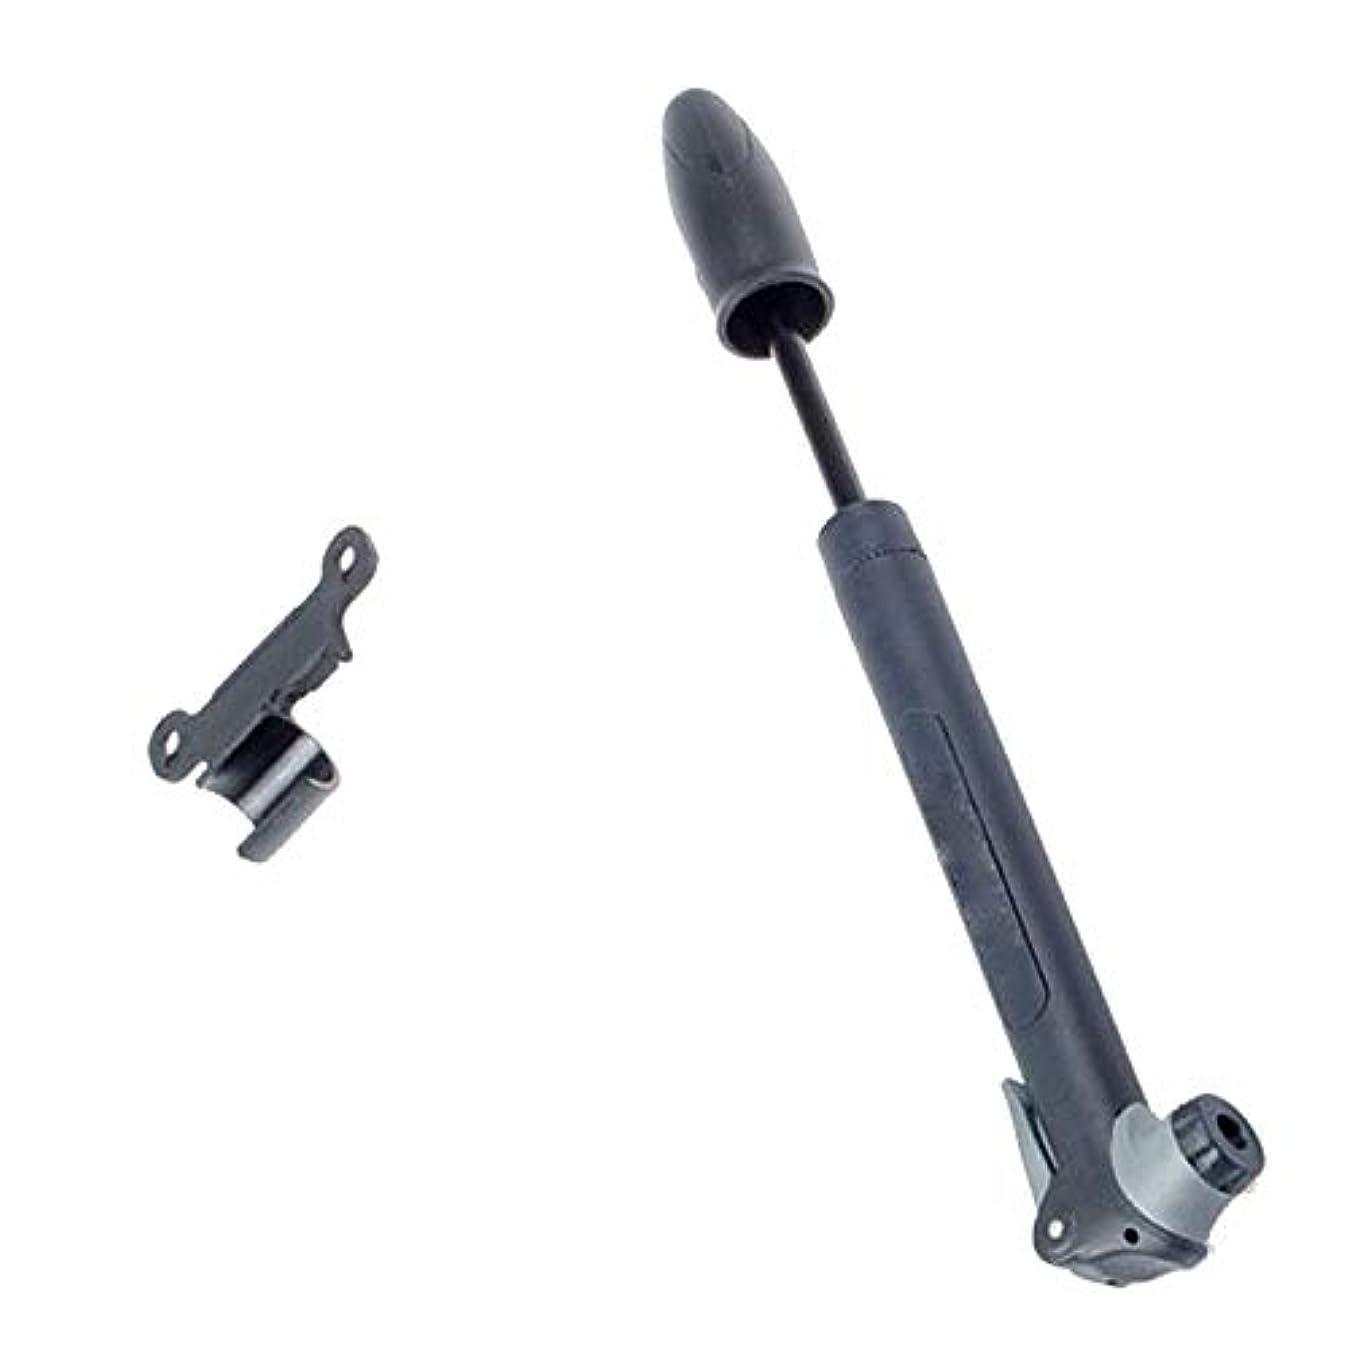 委任するチャペル予防接種自転車用ポンプ Presta&Schraderバルブ用取付金具付きプラスチック製MTBミニバイクポンプ 耐久性高 多機能 (色 : ブラック, サイズ : 23cm)